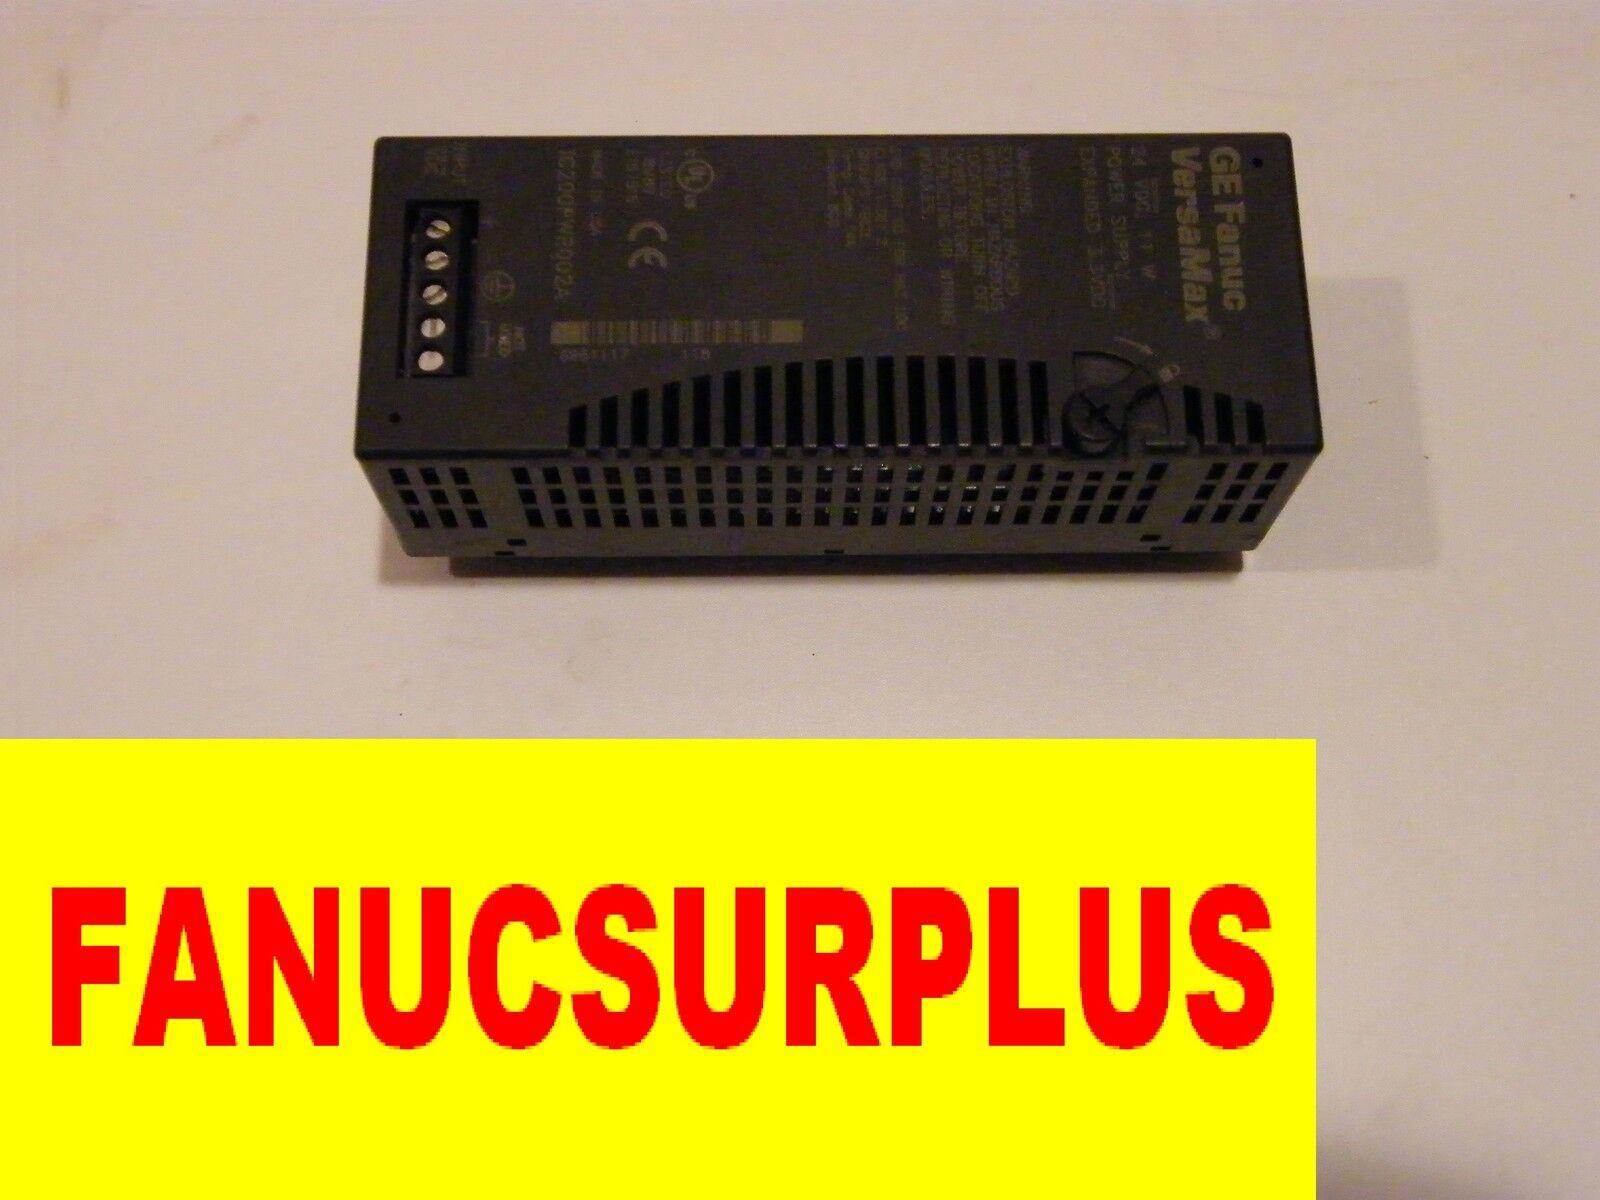 GE FANUC  IC200PWR002A IC200PWR002 IC200PWR002C POWER VERSAMAX 1 YEAR WARRANTY